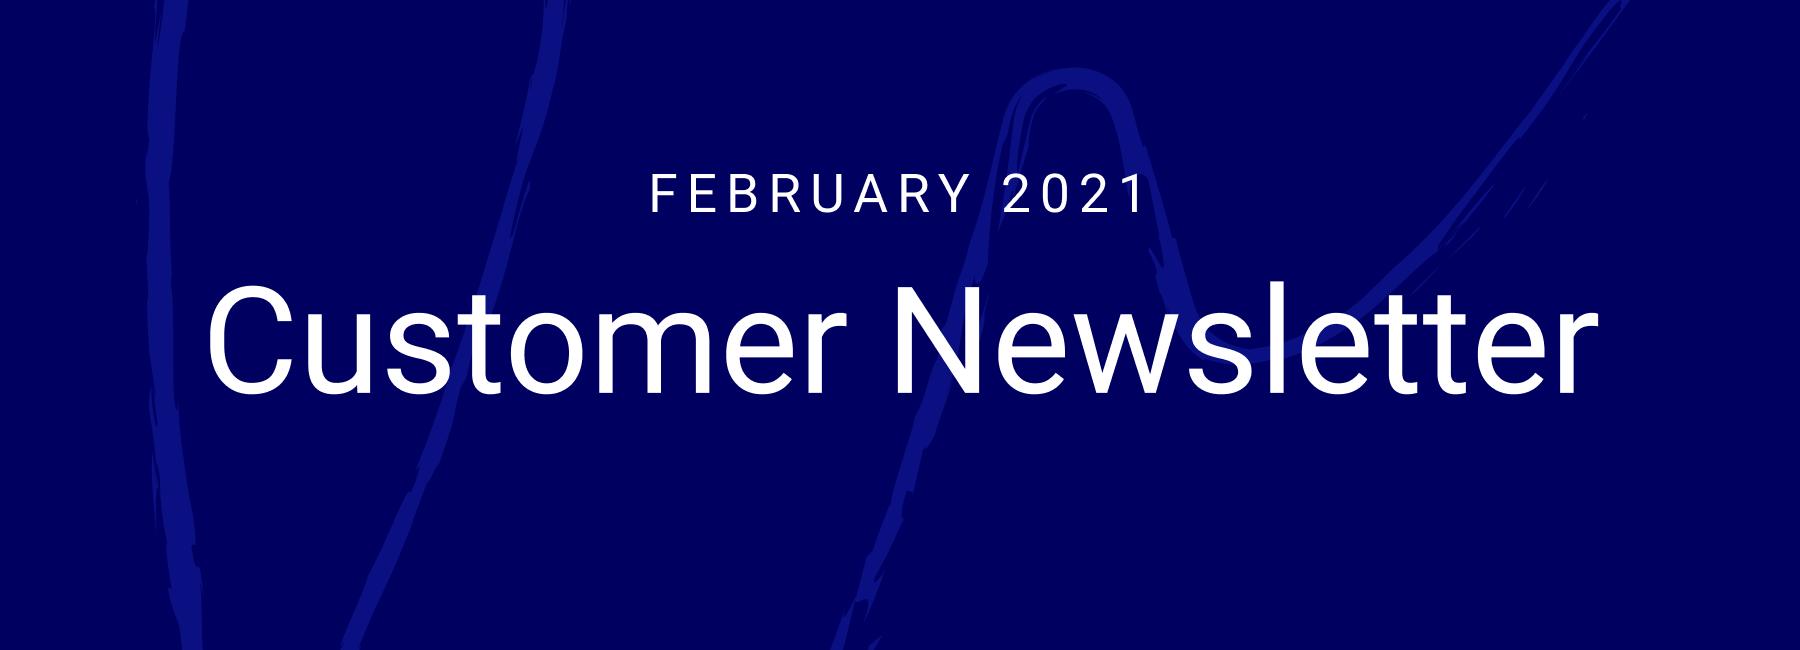 February Customer Newsletter